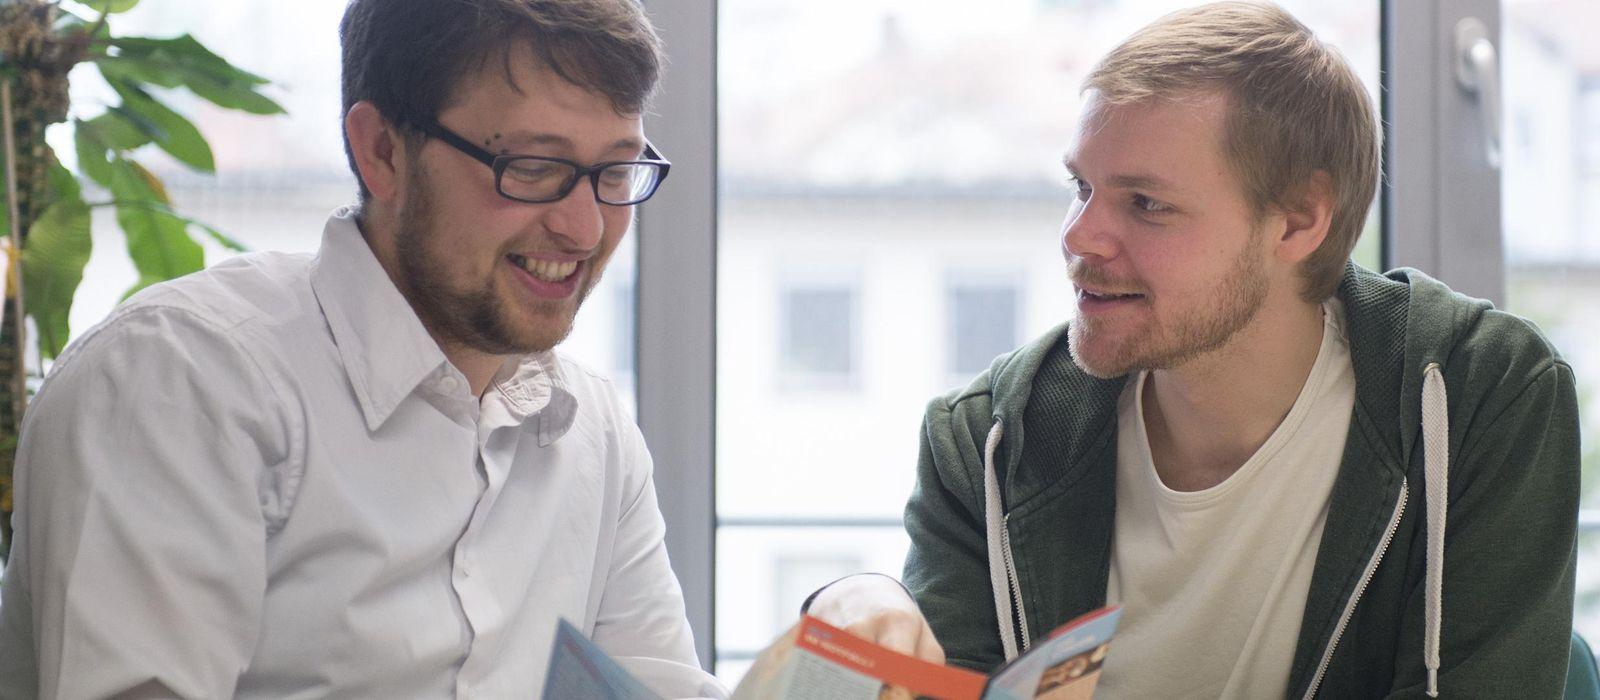 Zwei Männer schauen in einen Flyer und unterhalten sich darüber.